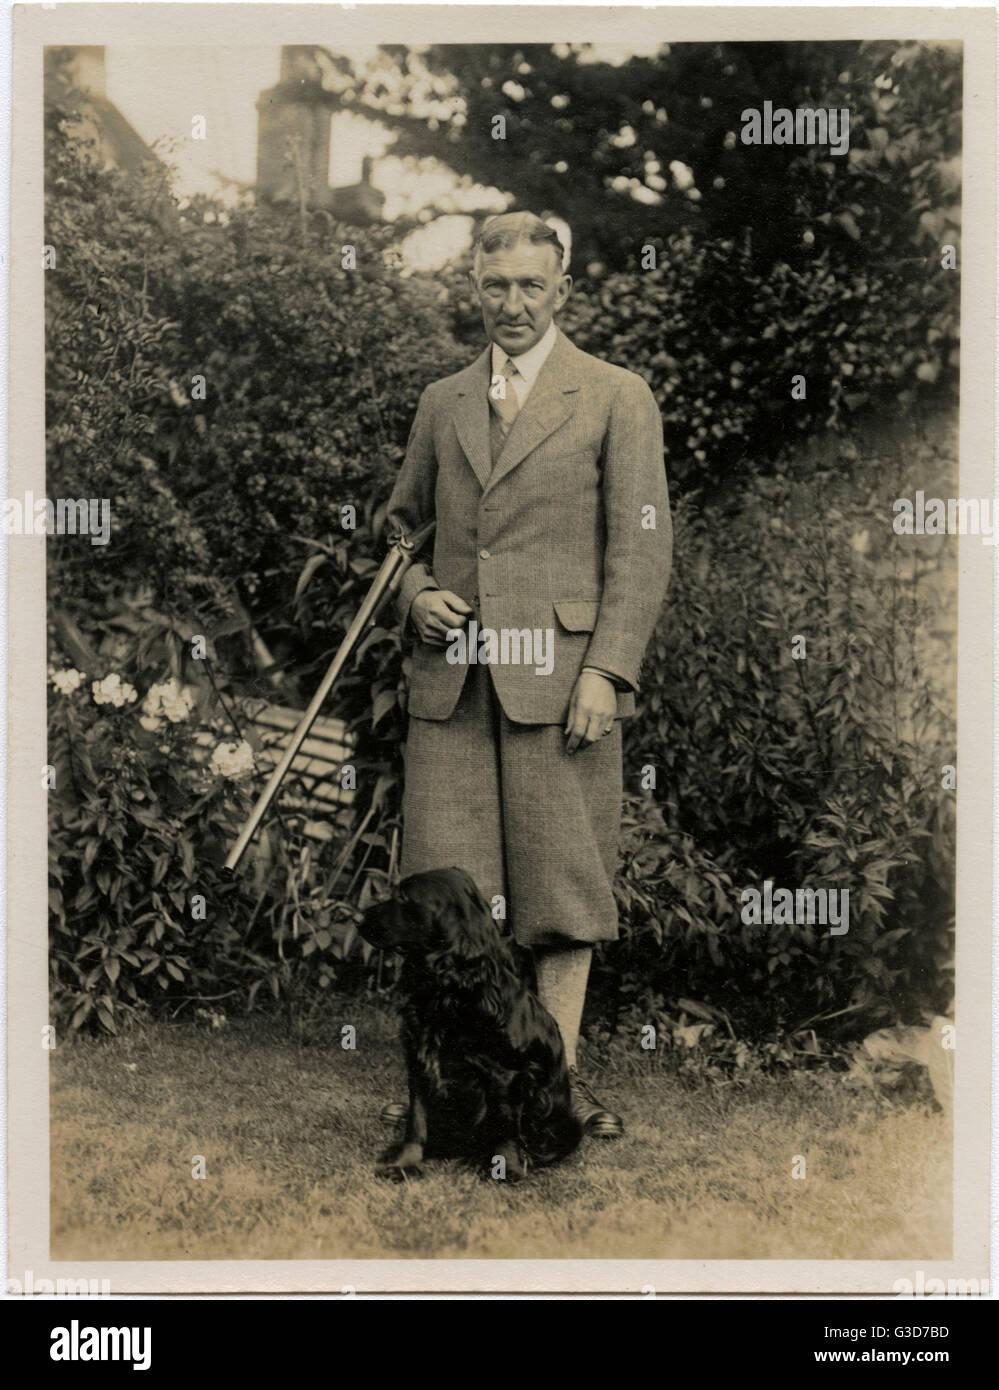 Man with gun and retriever dog in a garden.      Date: circa 1930s - Stock Image